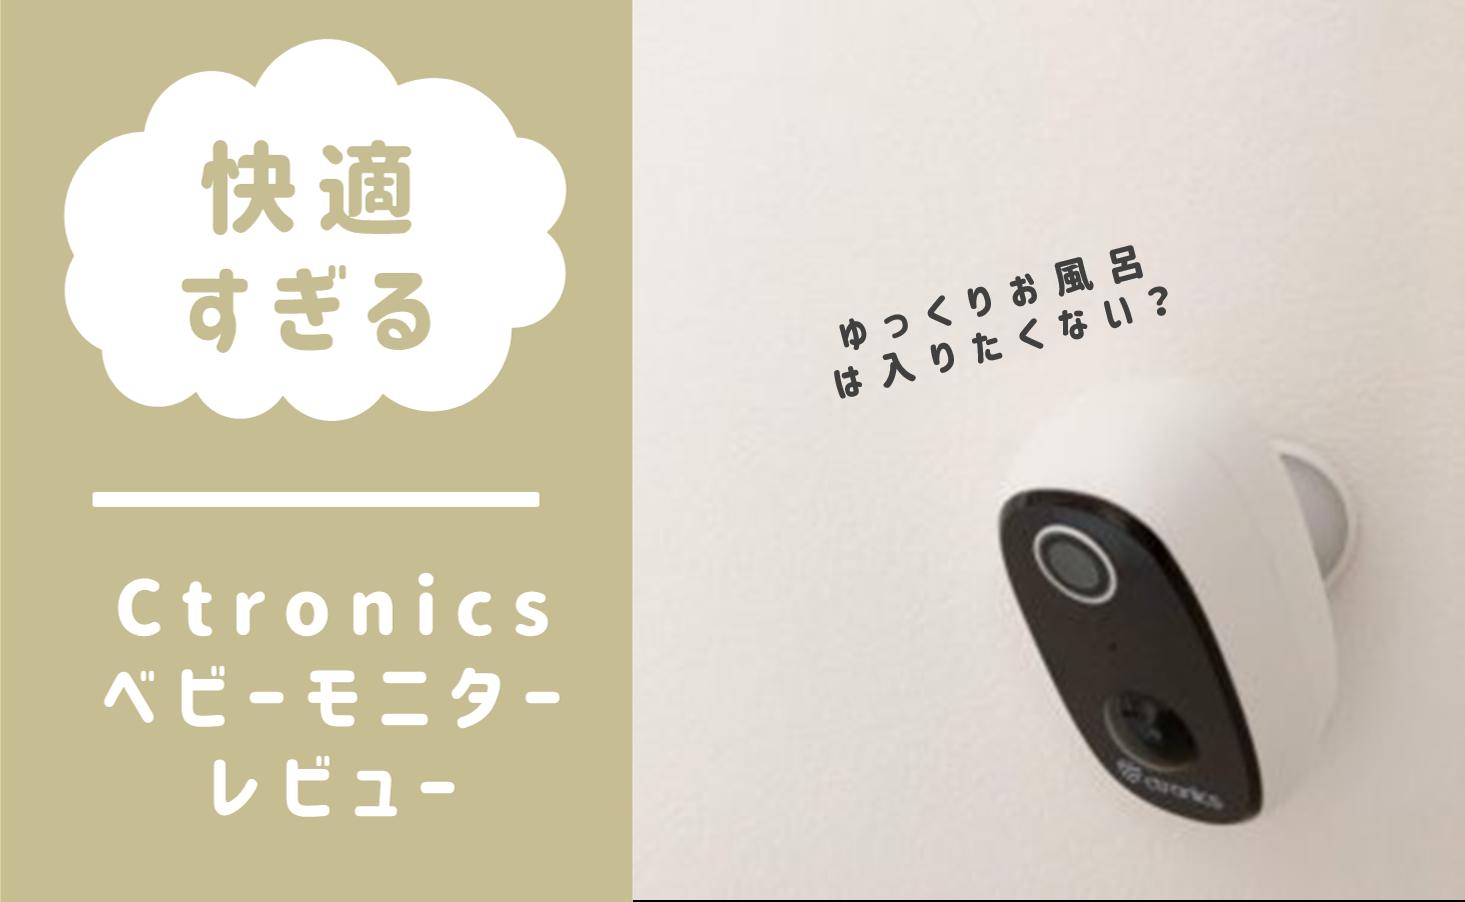 Ctronics ベビーモニターが想像以上によかった!実際に使った感想